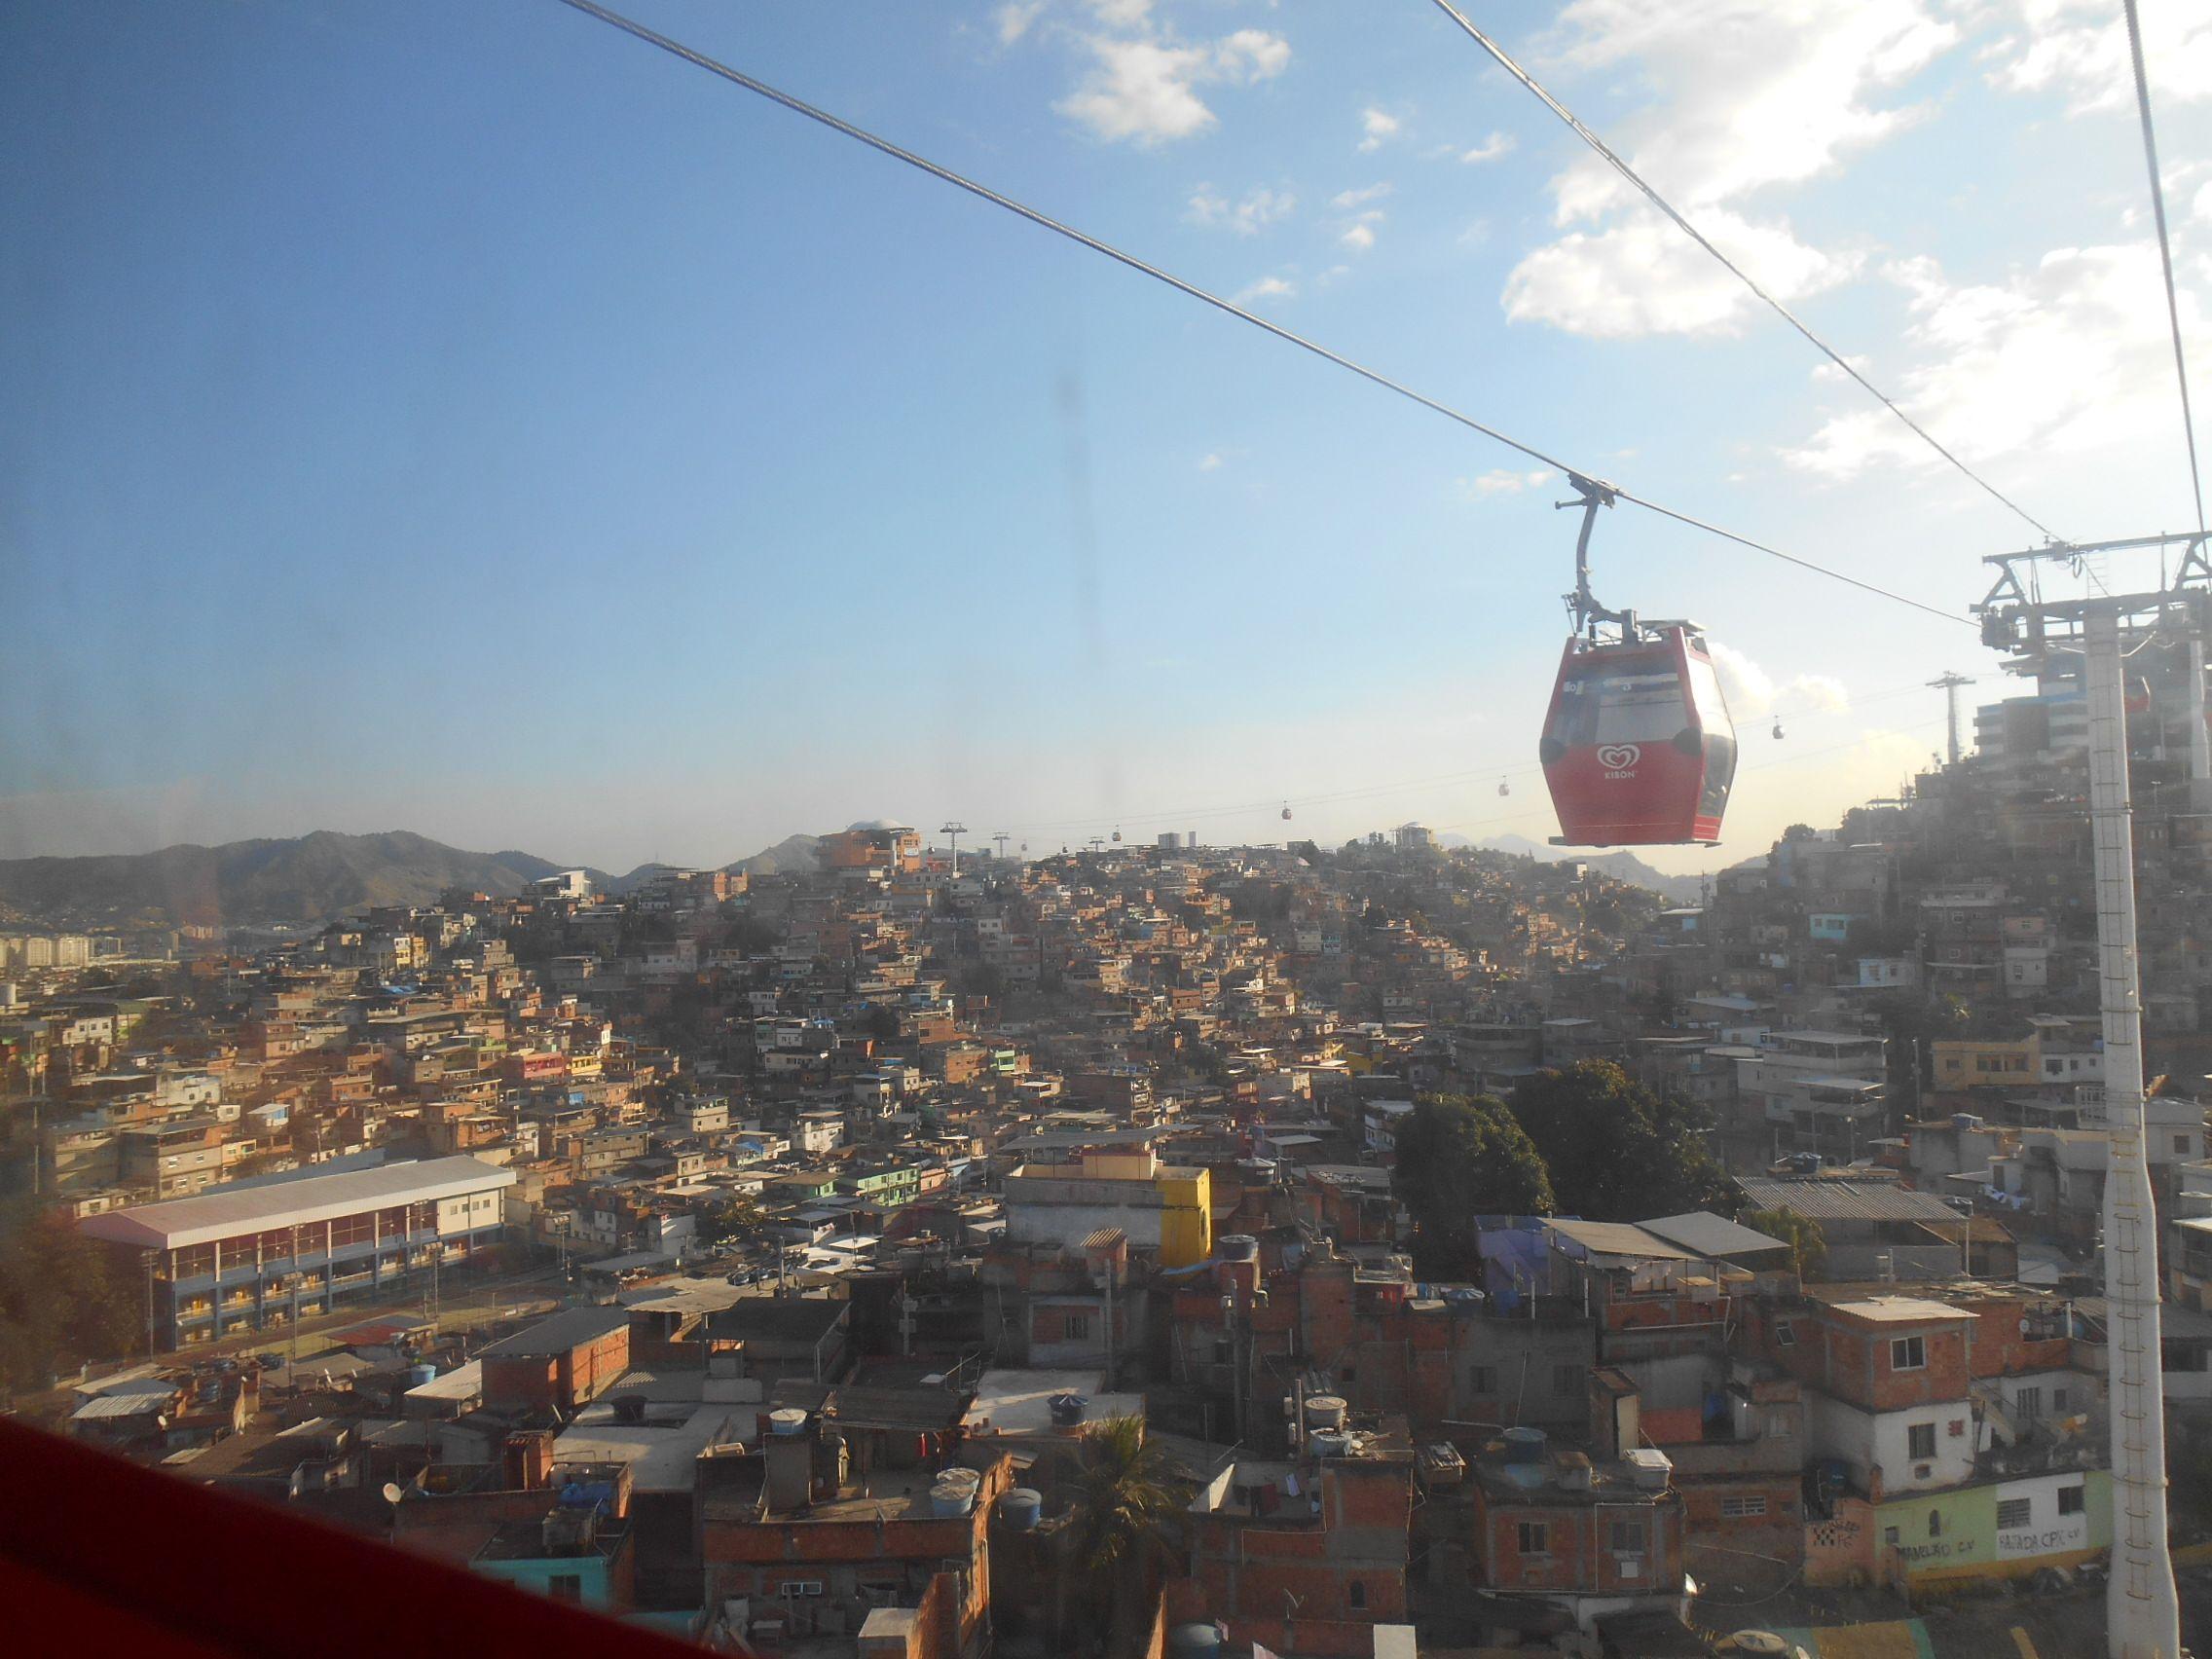 L'une des nombreuses favela de Rio de Janeiro au Brésil photo blog voyage tour du monde travel https://yoytourdumonde.fr